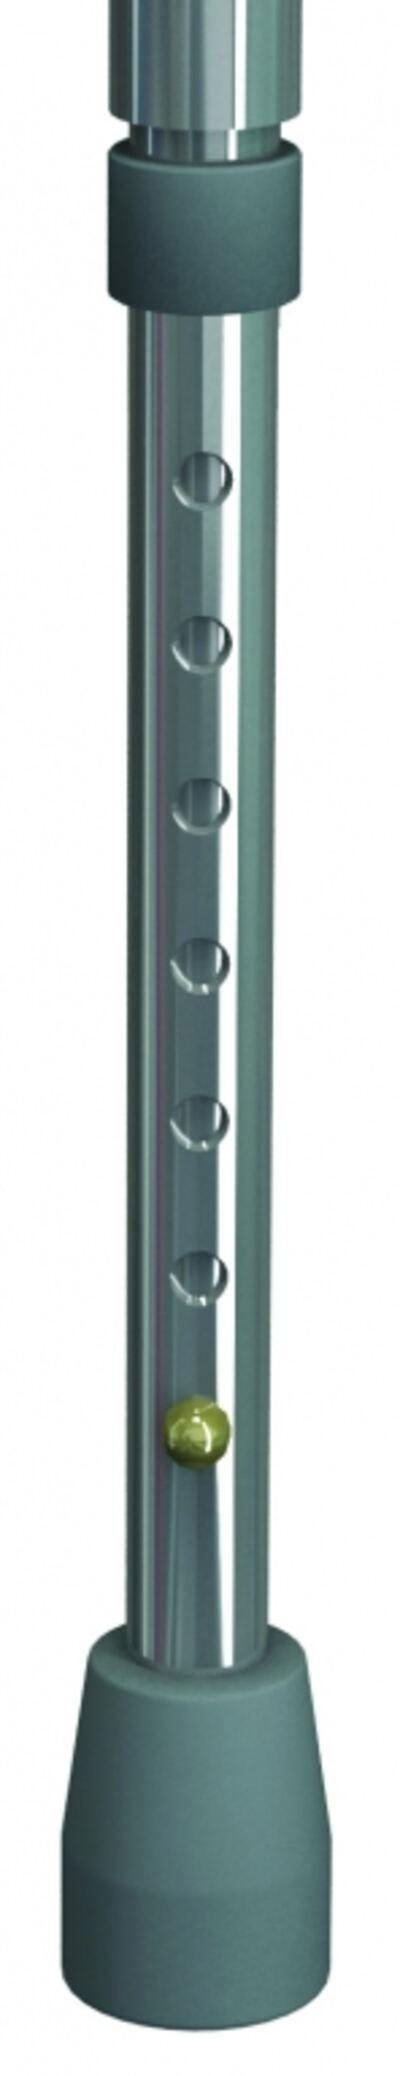 Imagem 3 do produto ANDADOR ARTICULADO PRATA ESPELHADO REF BC1515 MERCUR